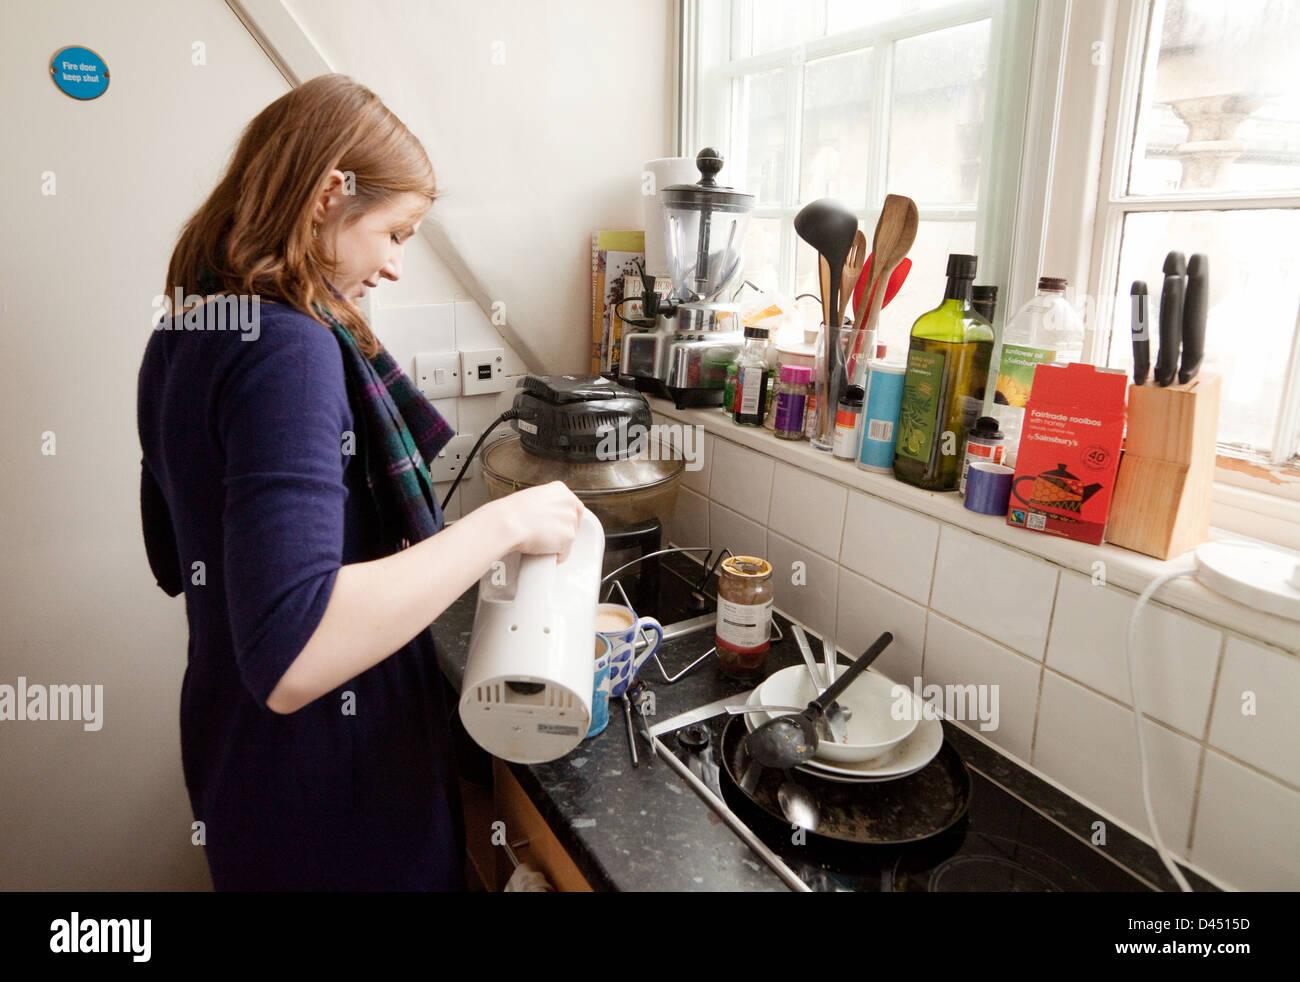 Università arriva il primo corso di laurea in gastronomia u liveunict